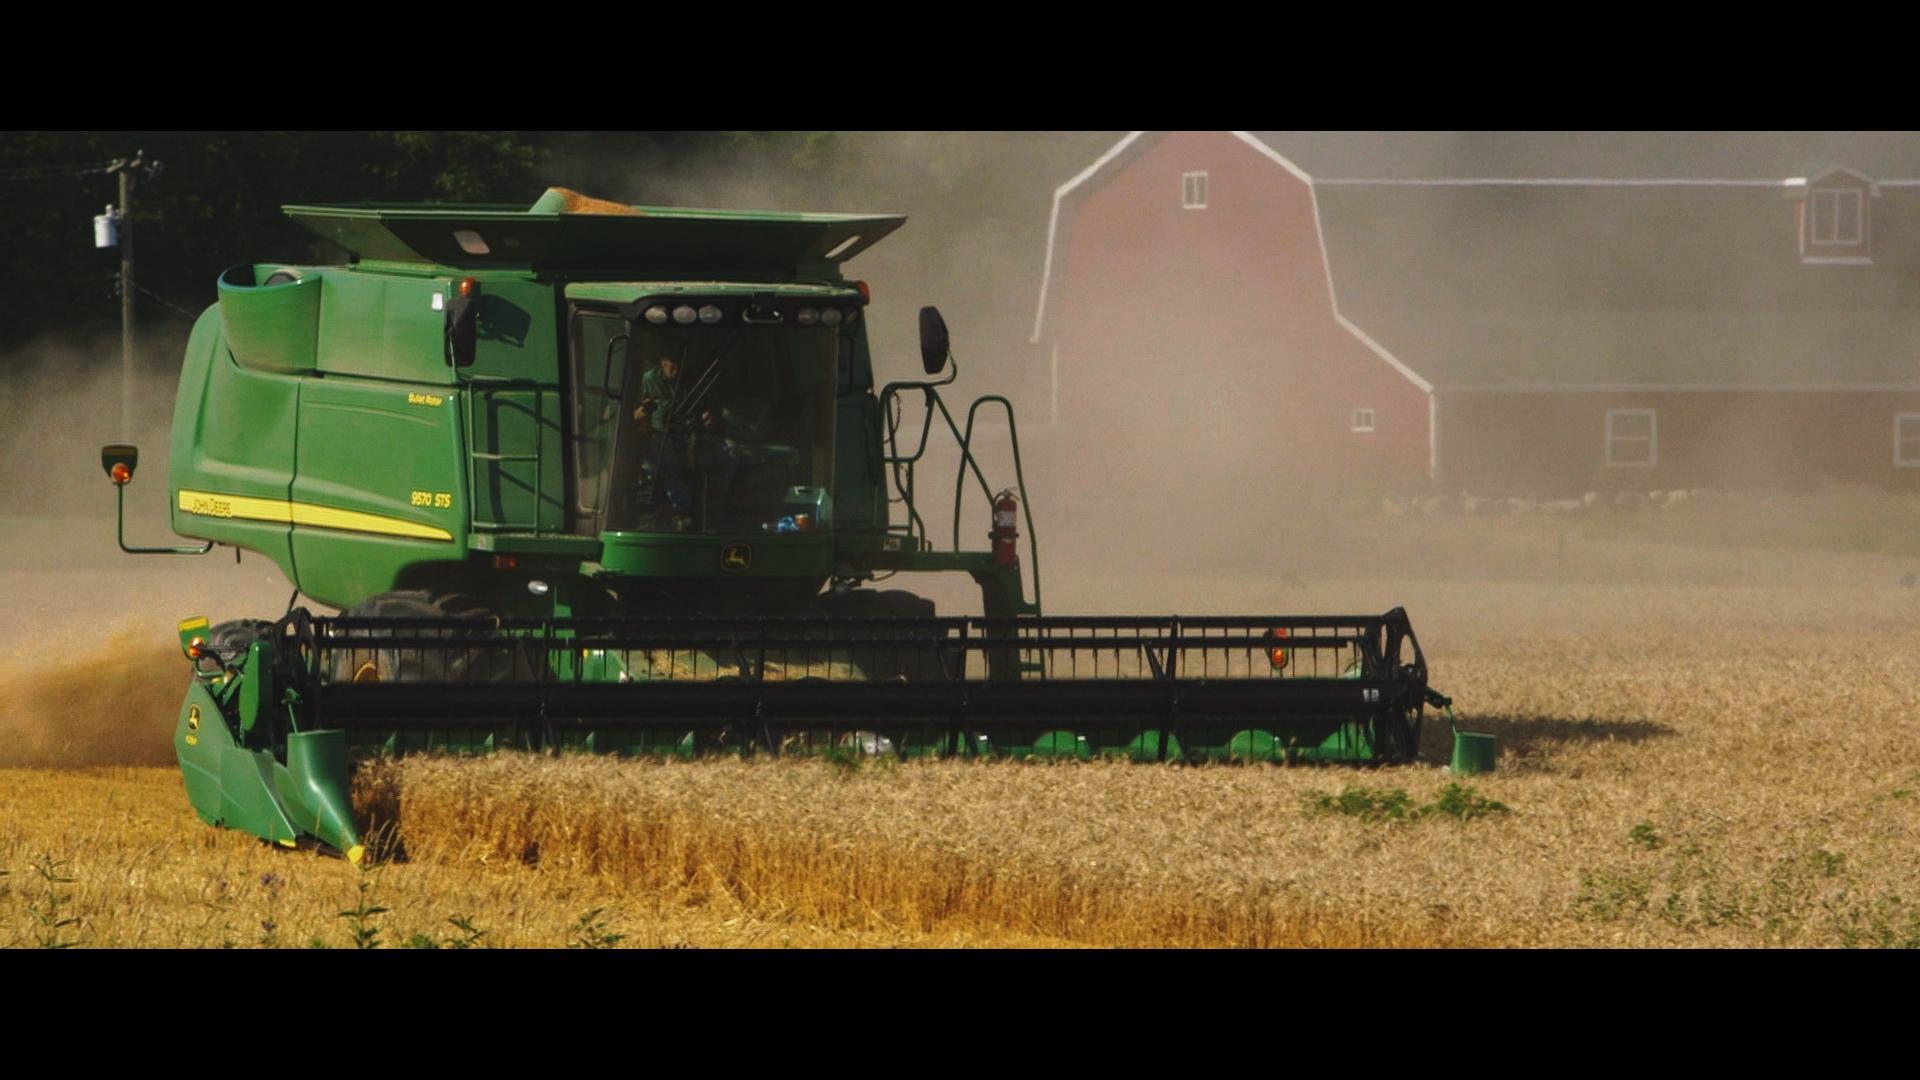 Tractor in Field.jpg